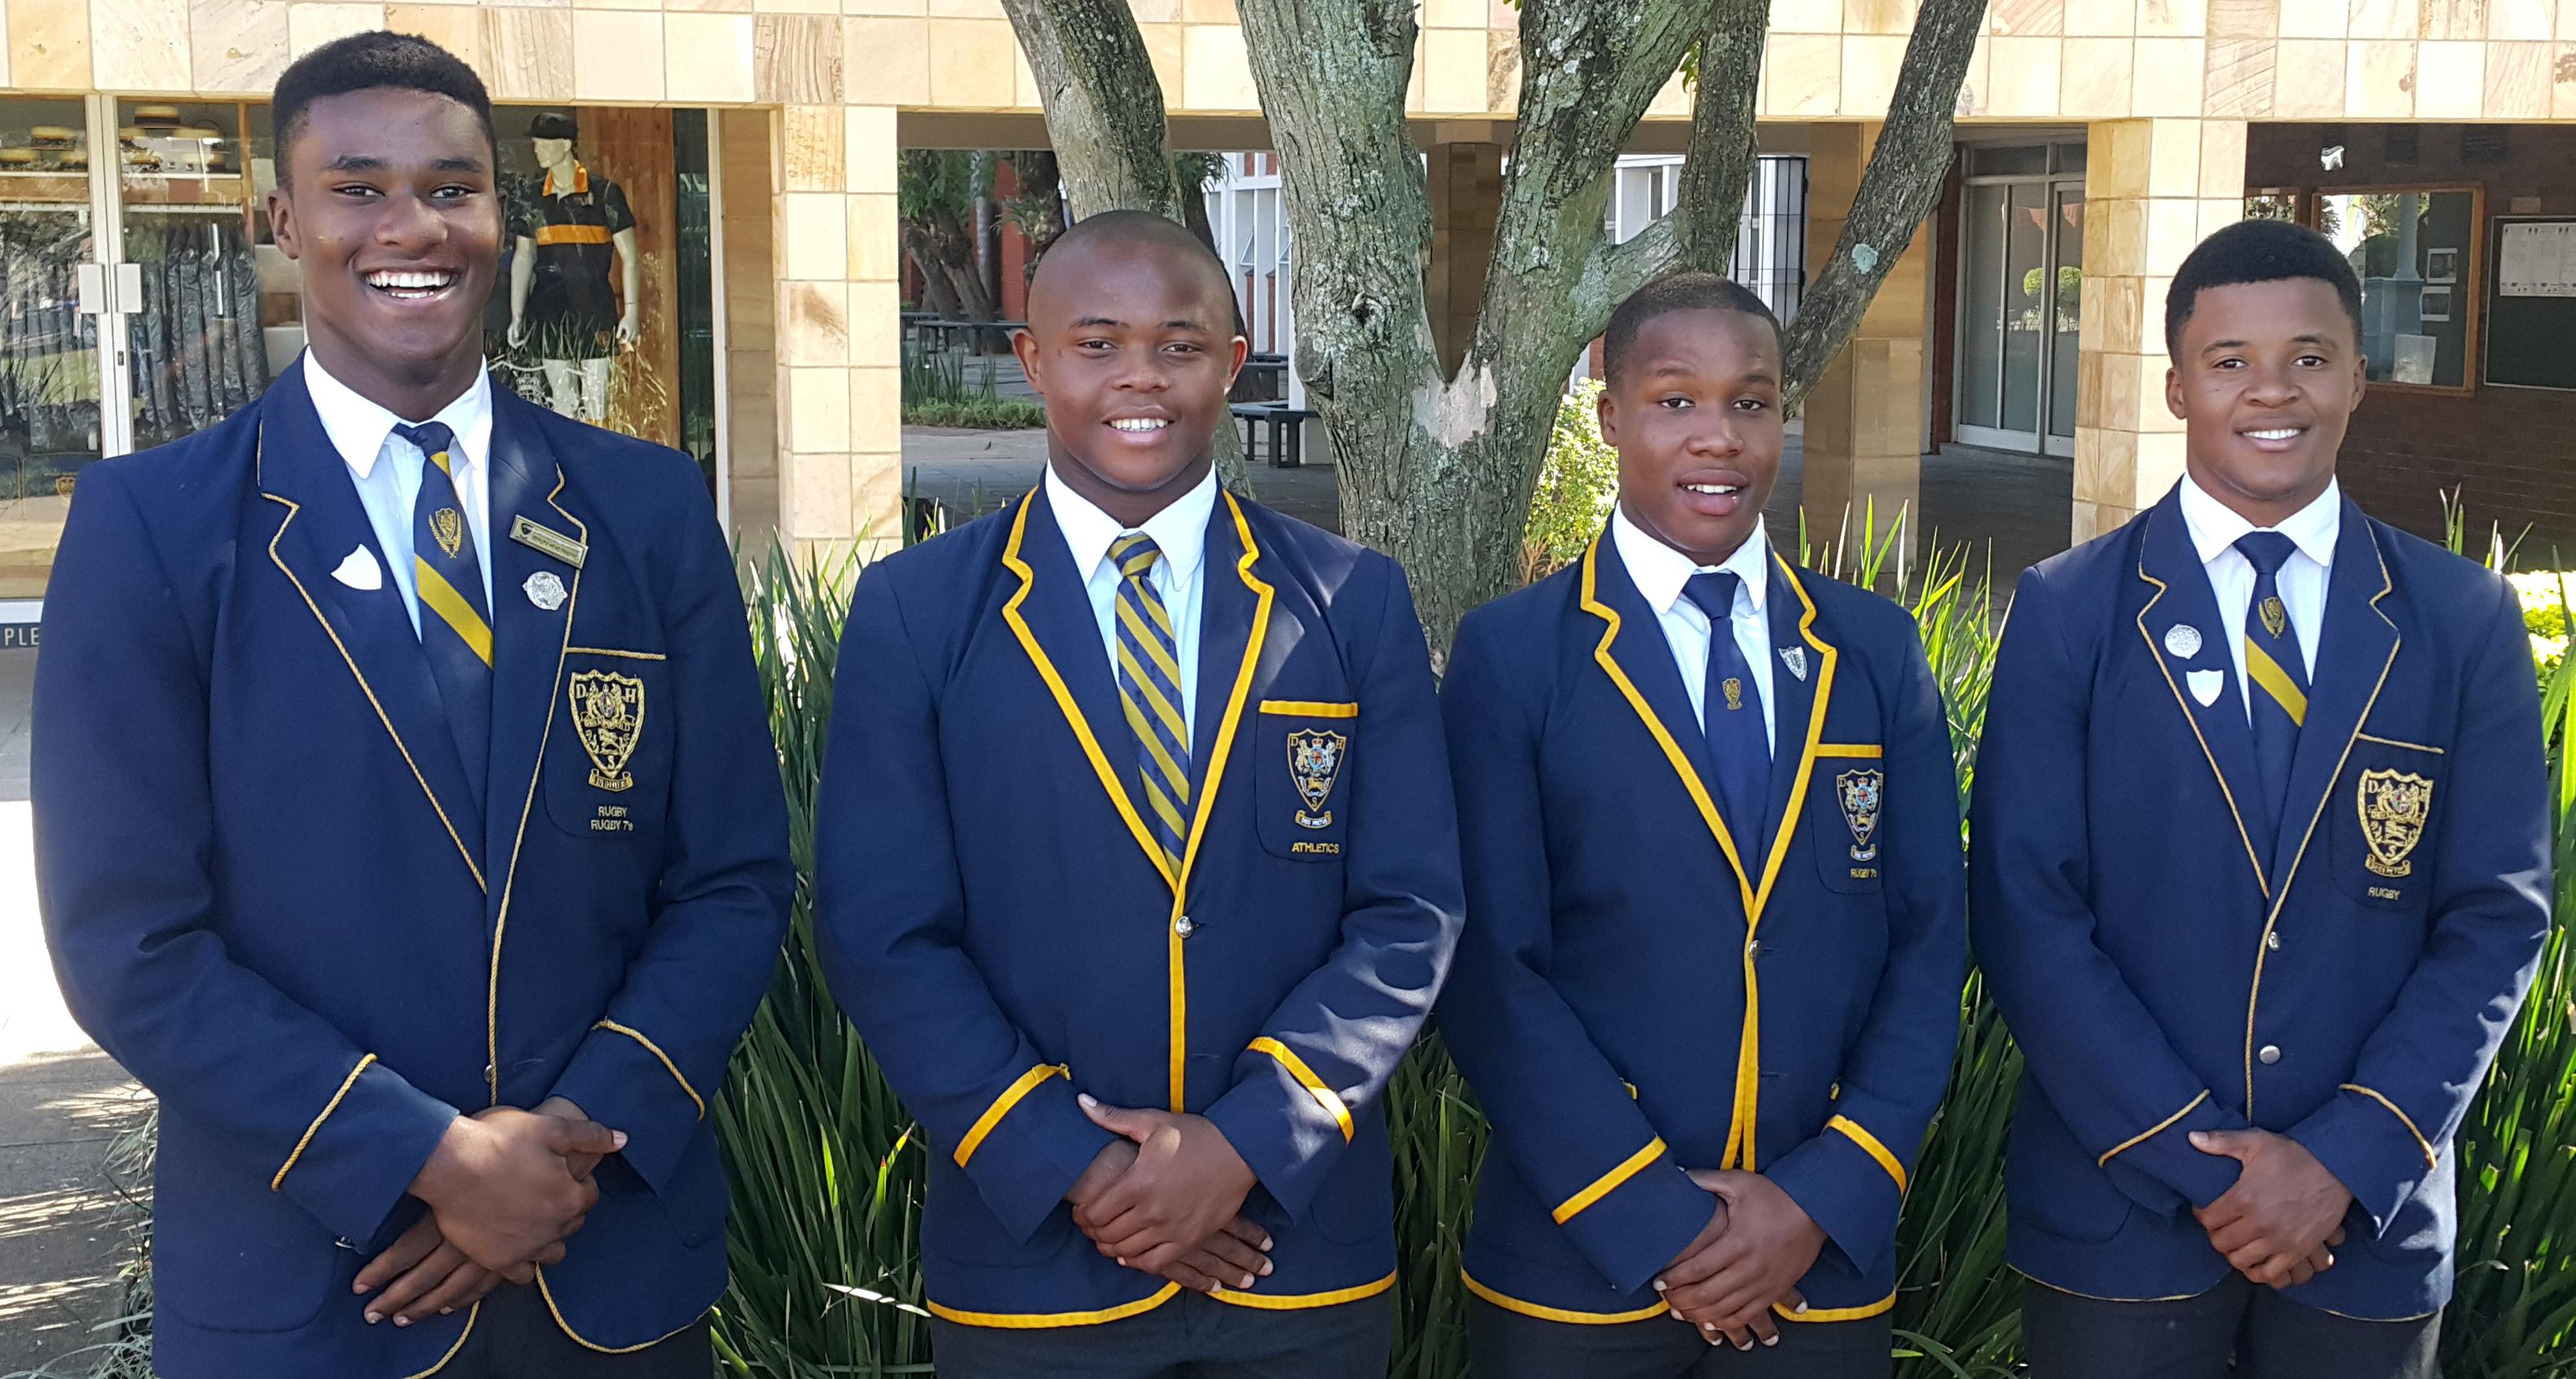 KZN U18 Craven Rugby Celimpilo Gumede, Mthokozisi Gumede, Asande Mnguni and Lwandile Menze